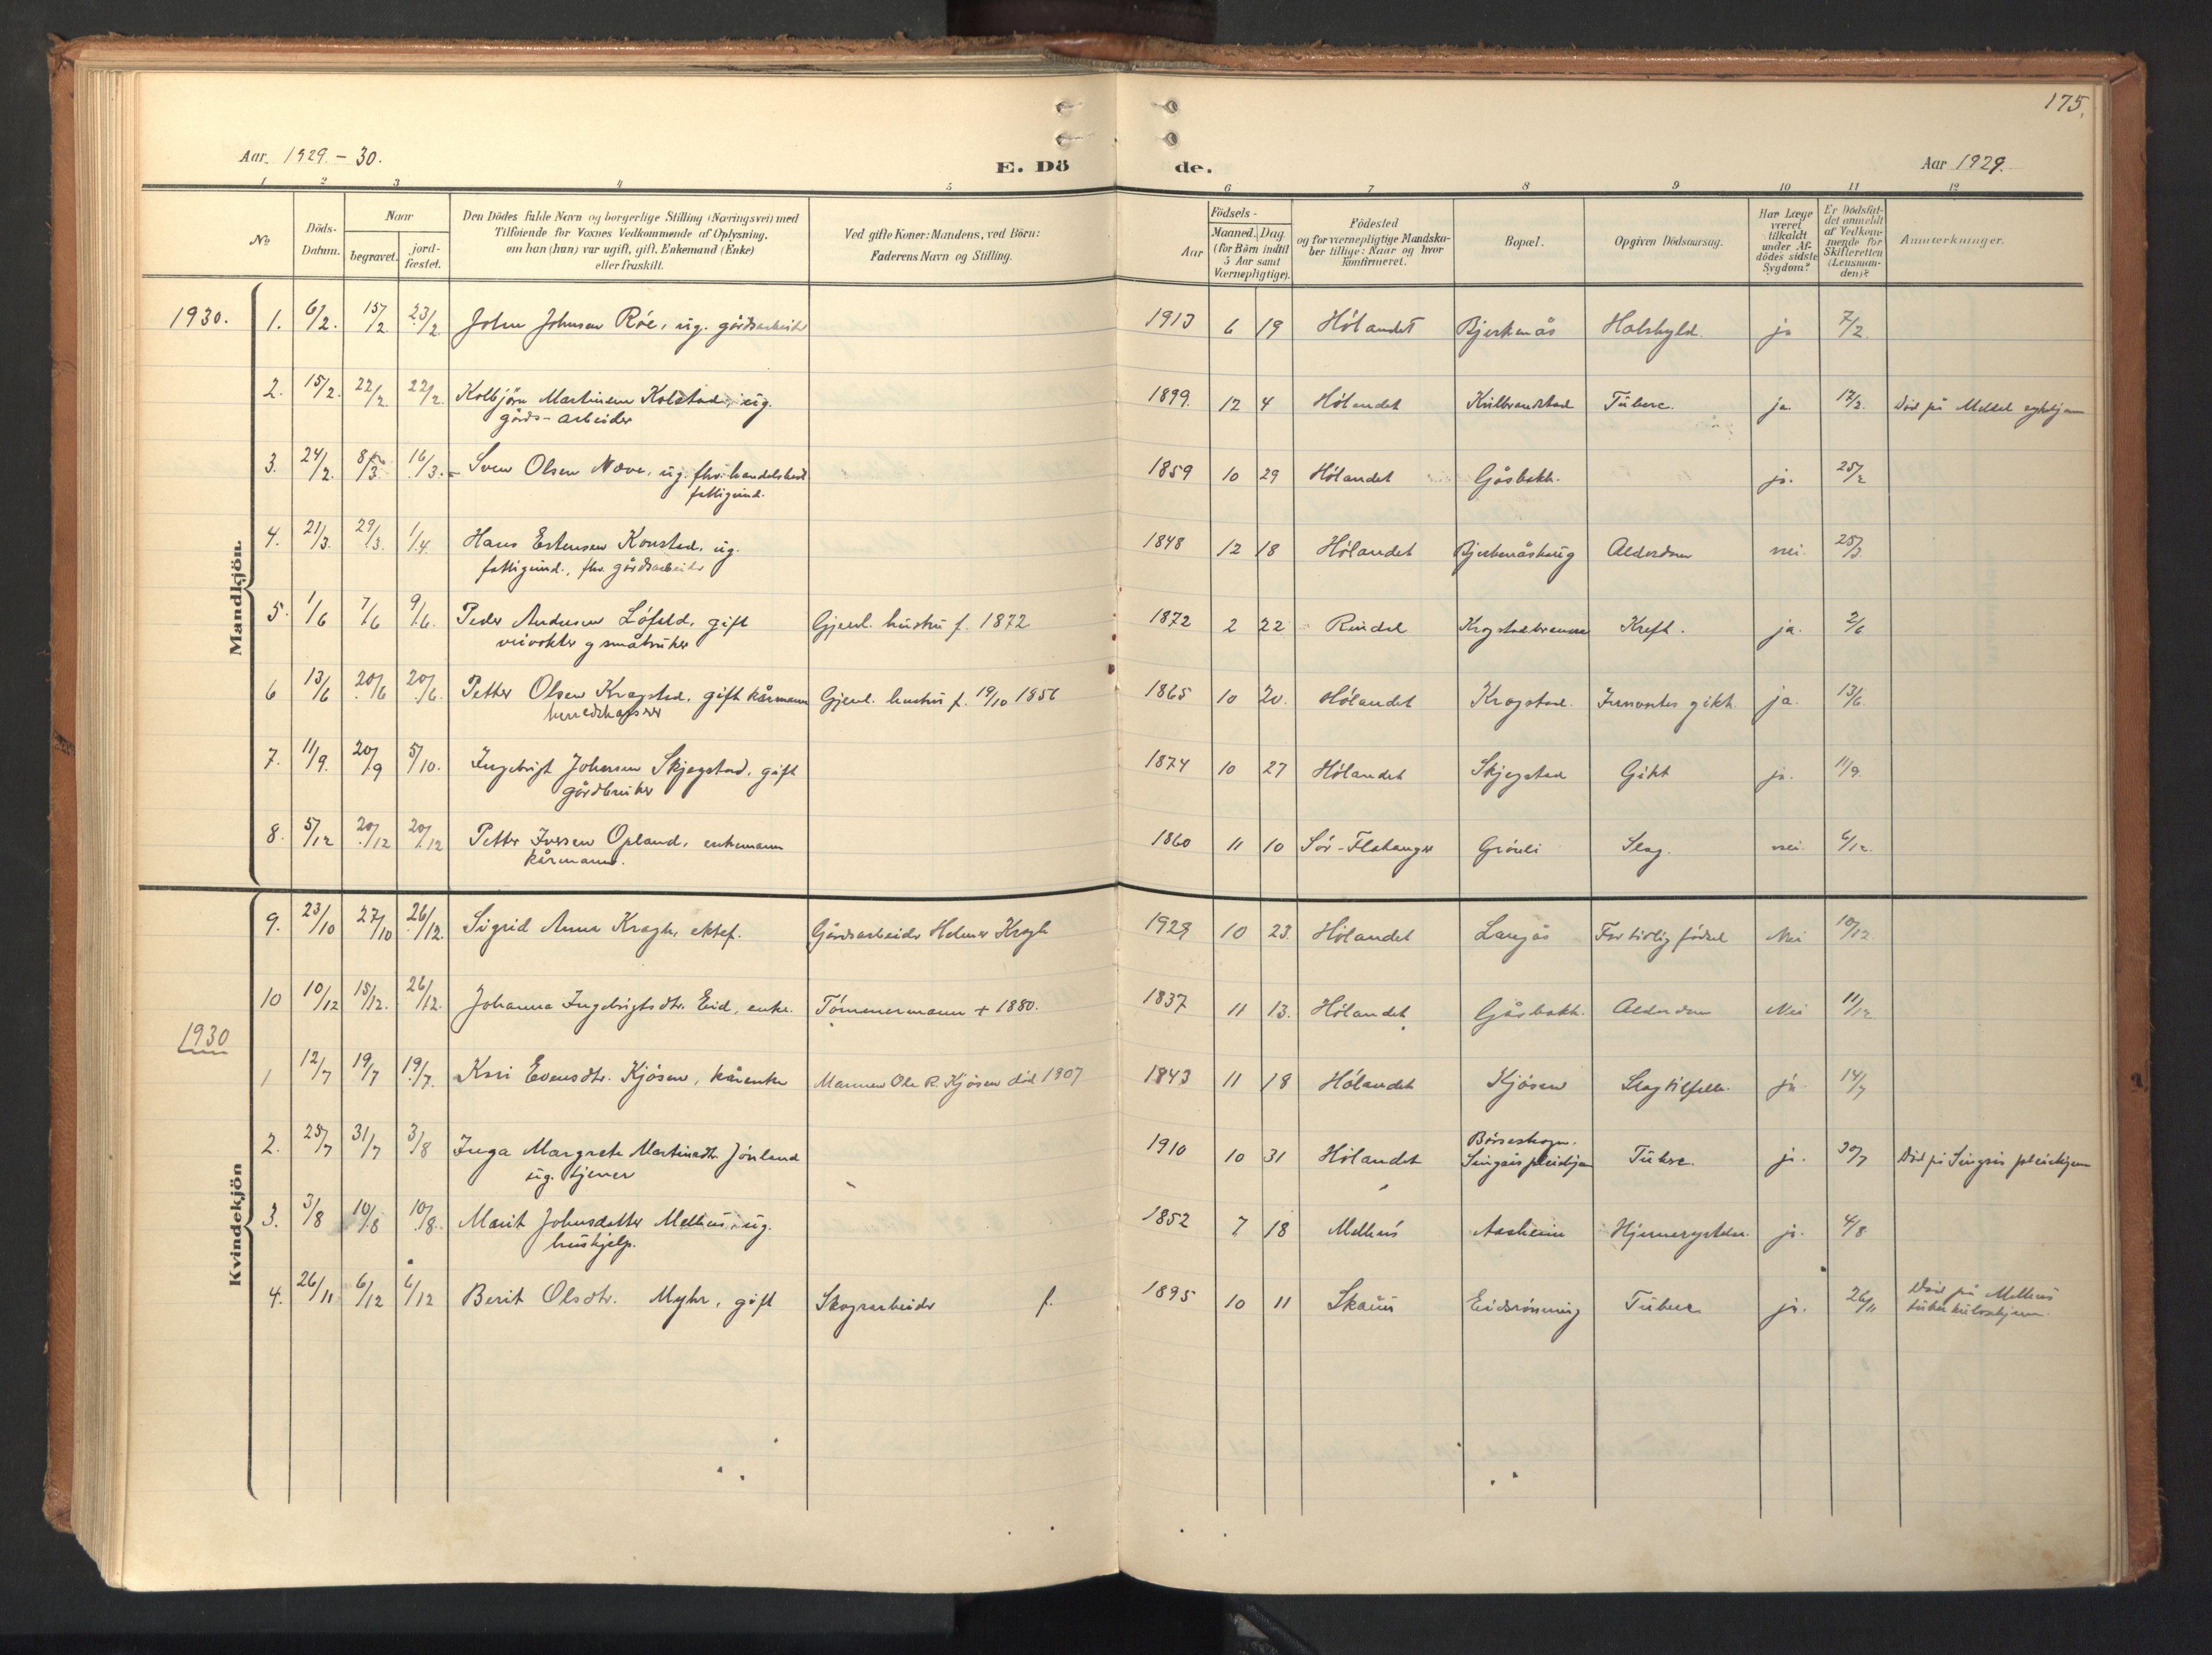 SAT, Ministerialprotokoller, klokkerbøker og fødselsregistre - Sør-Trøndelag, 694/L1128: Ministerialbok nr. 694A02, 1906-1931, s. 175